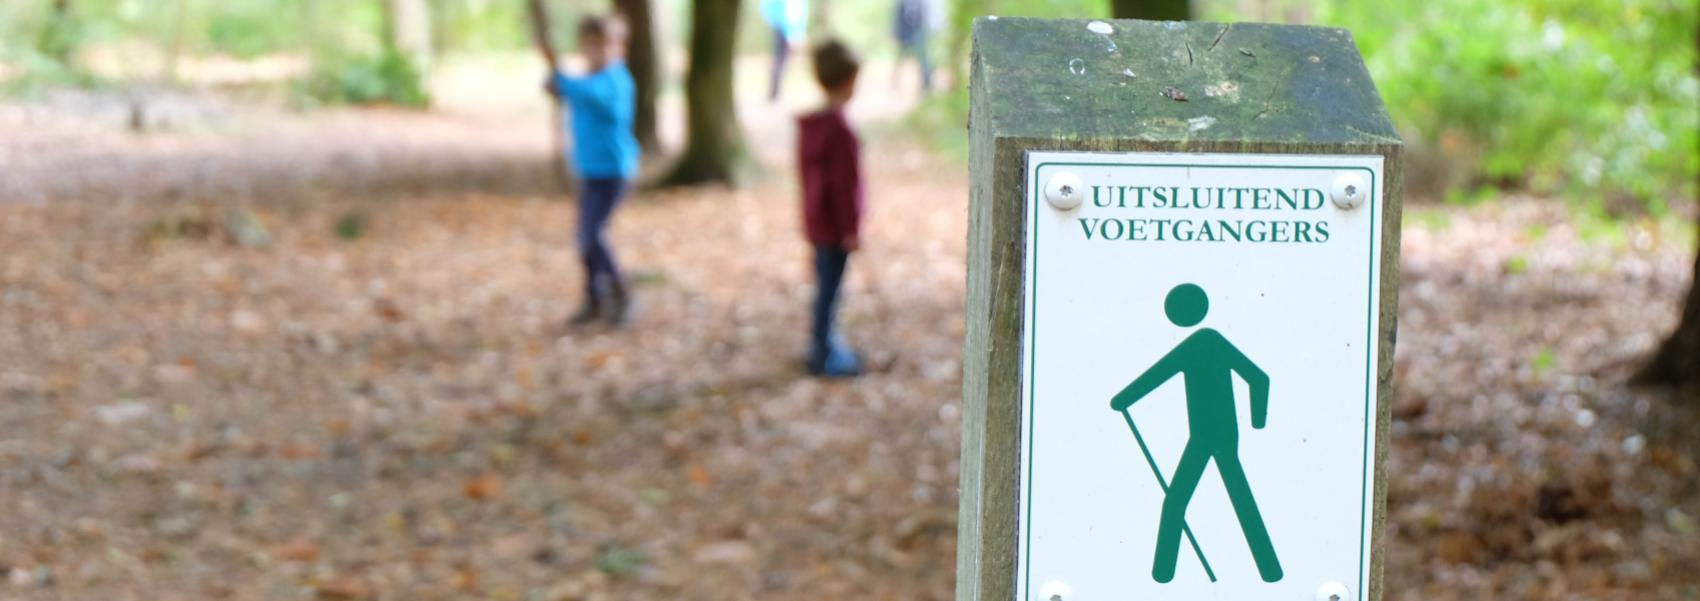 wandelbordje naast kinderen op het wandelpad